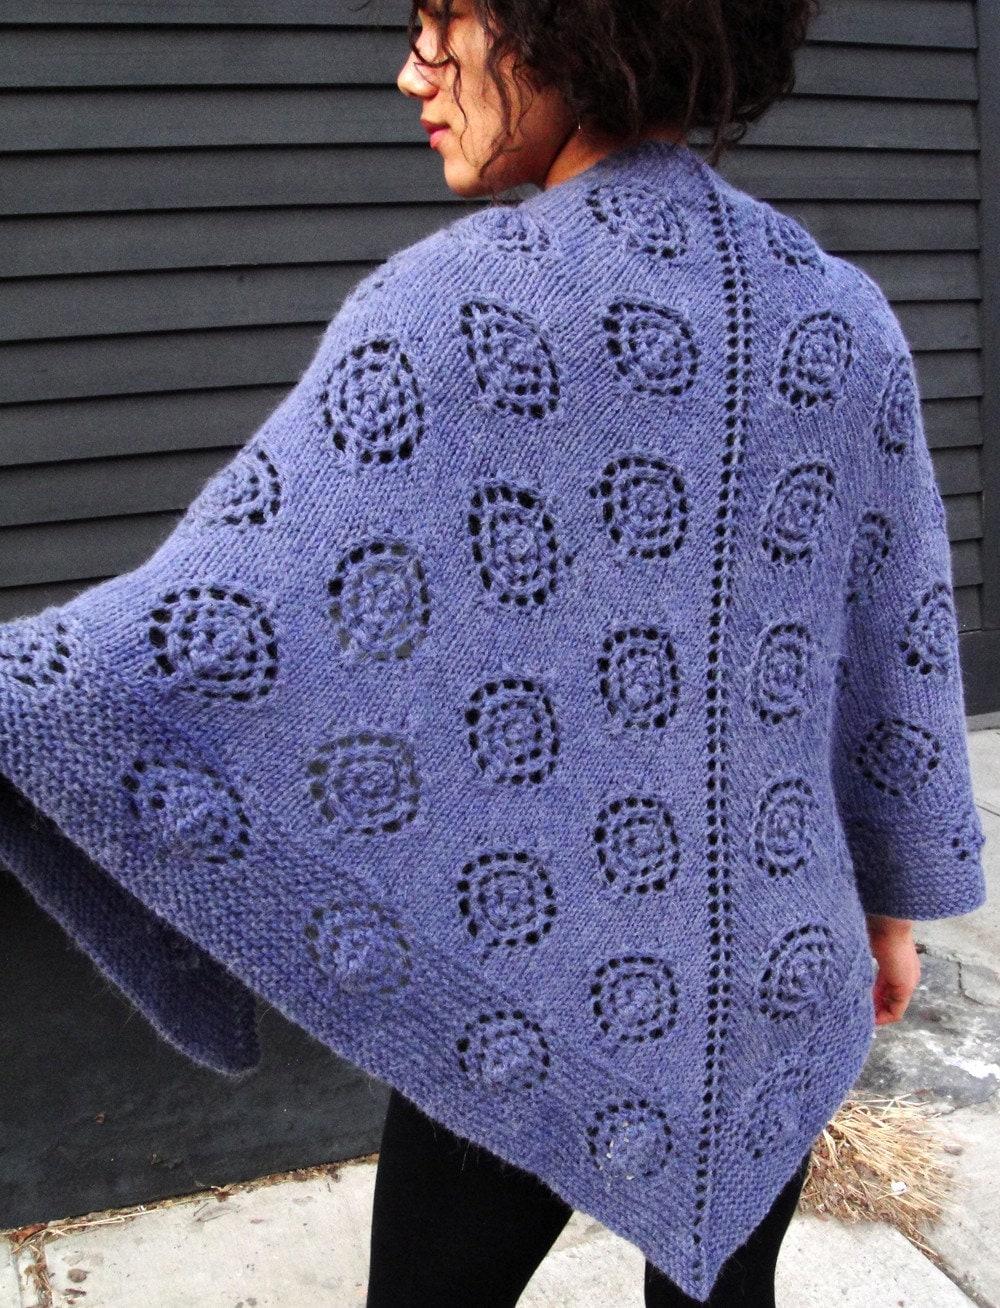 Knitted Triangle Shawl Pattern : Dotty Triangle Shawl KNITTING PATTERN DOWNLOAD